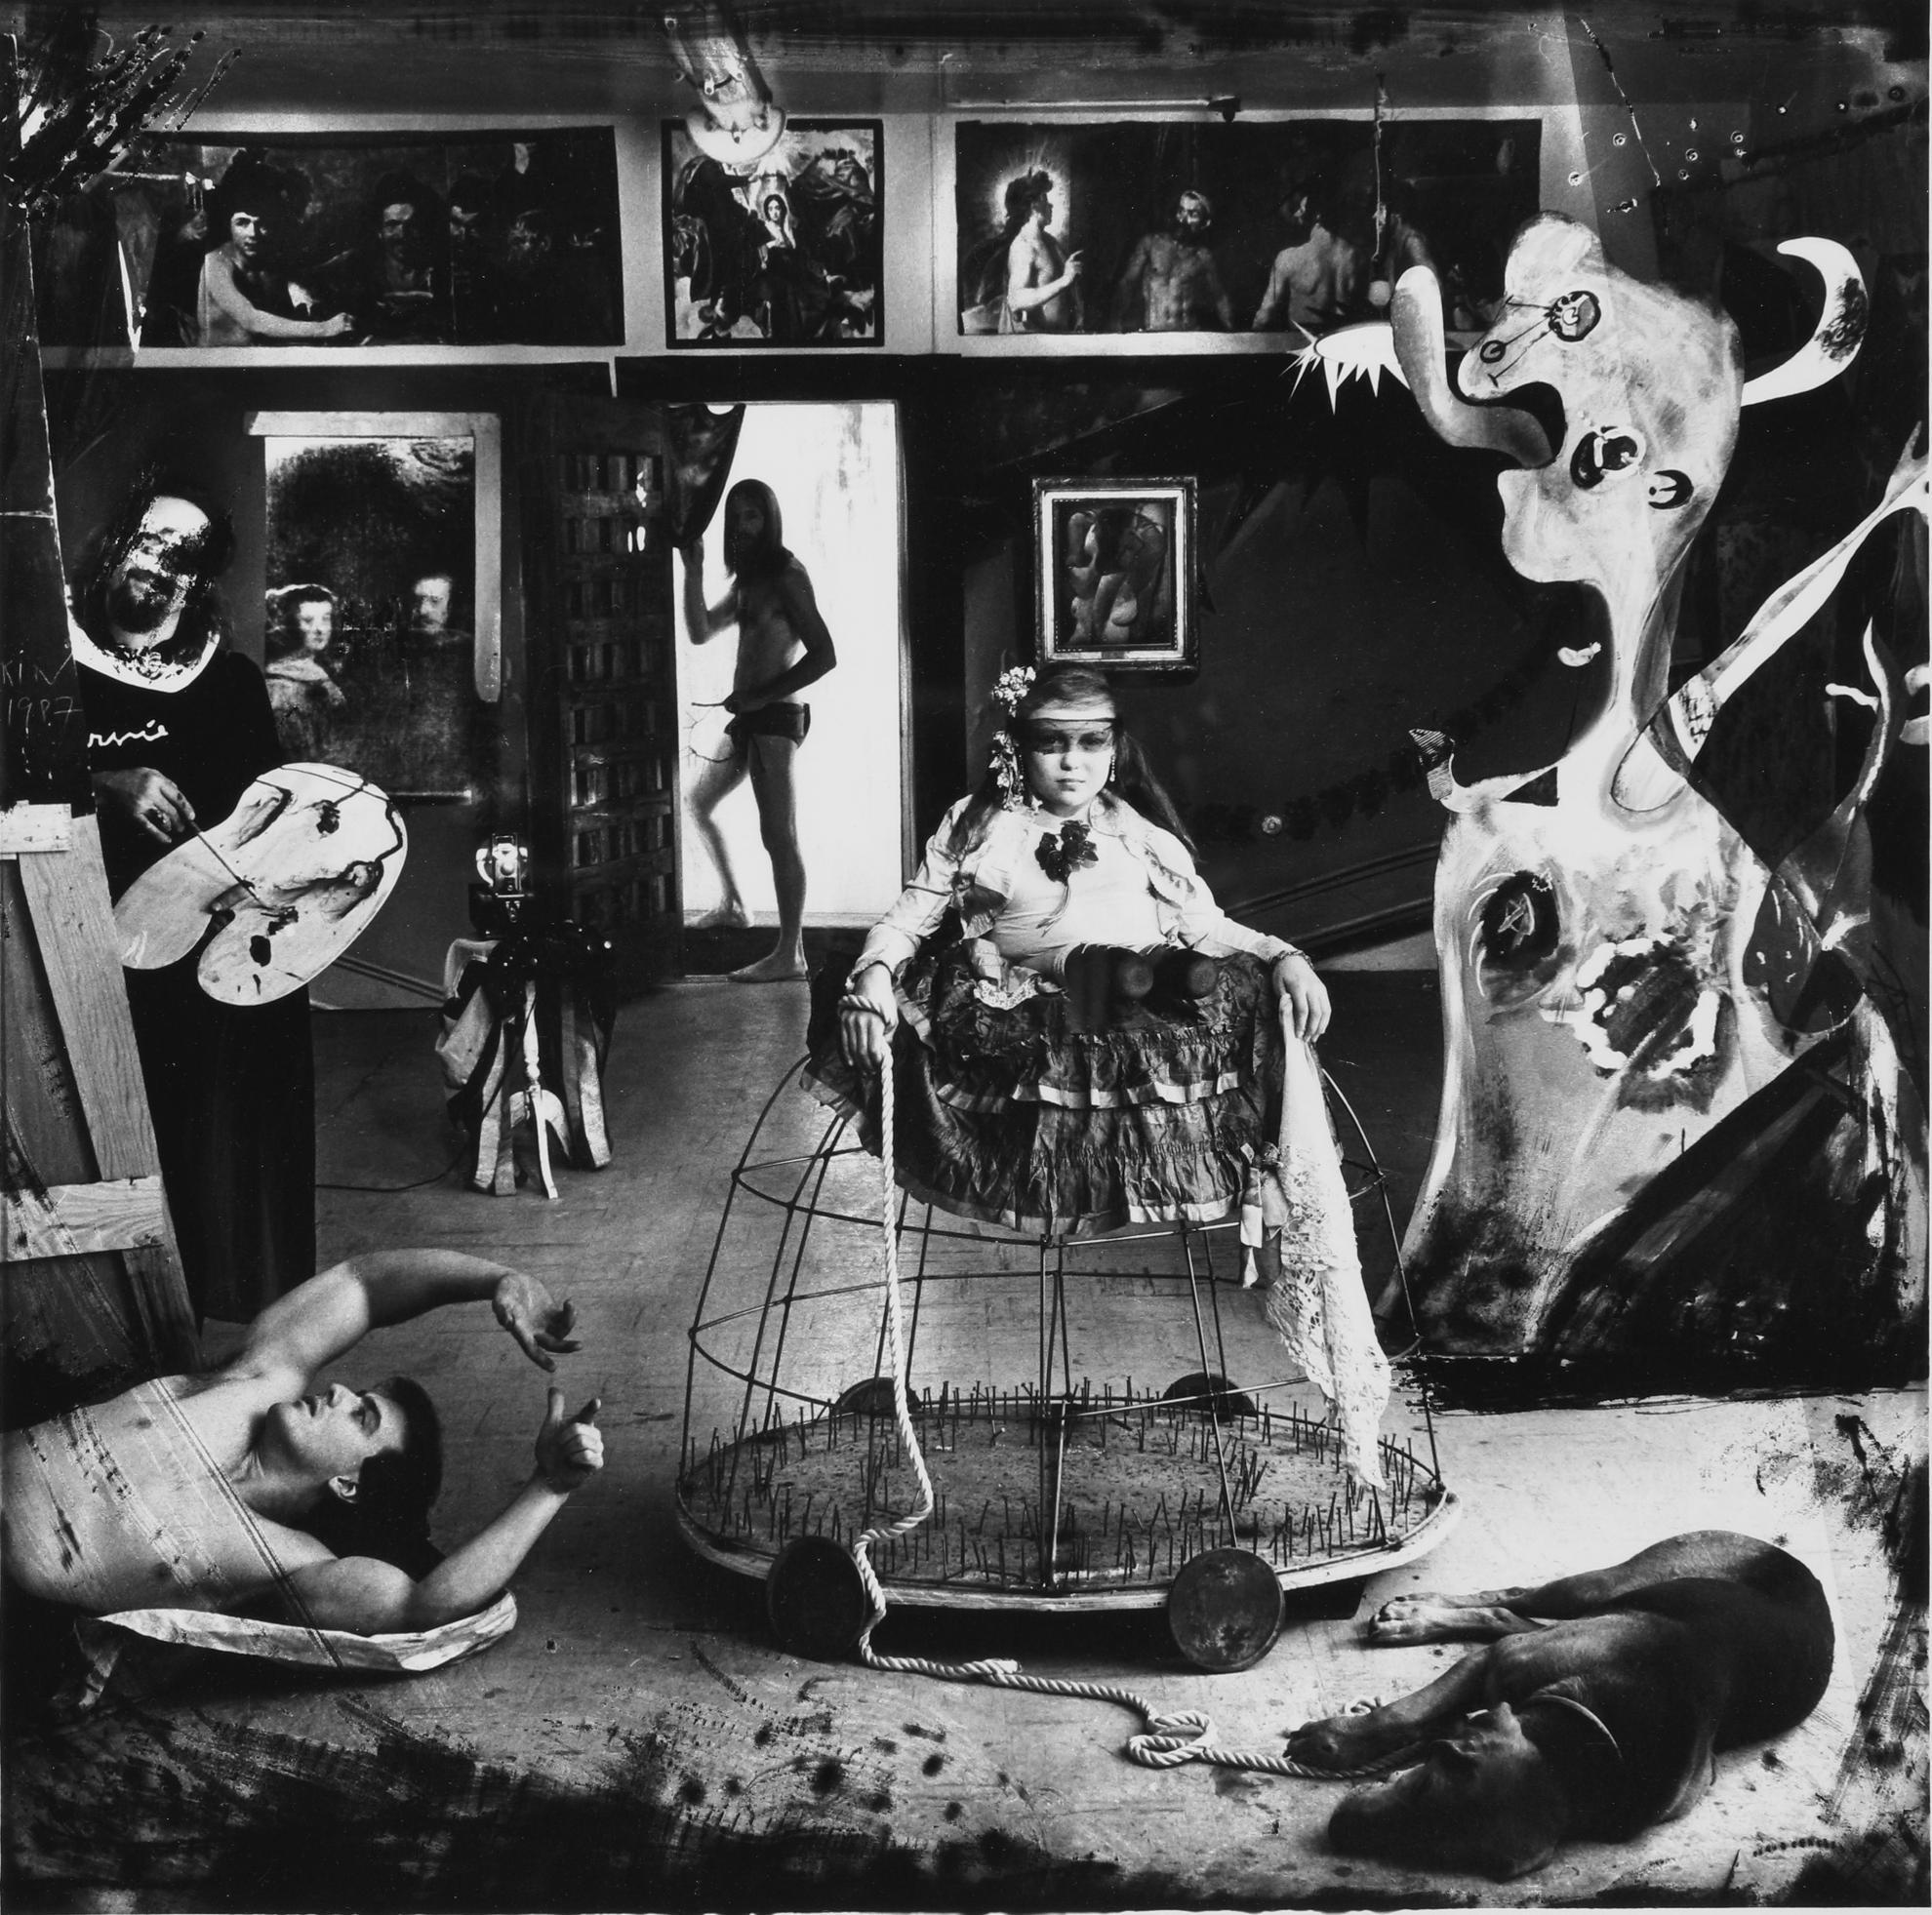 Joel-Peter Witkin-Las Meninas-1987